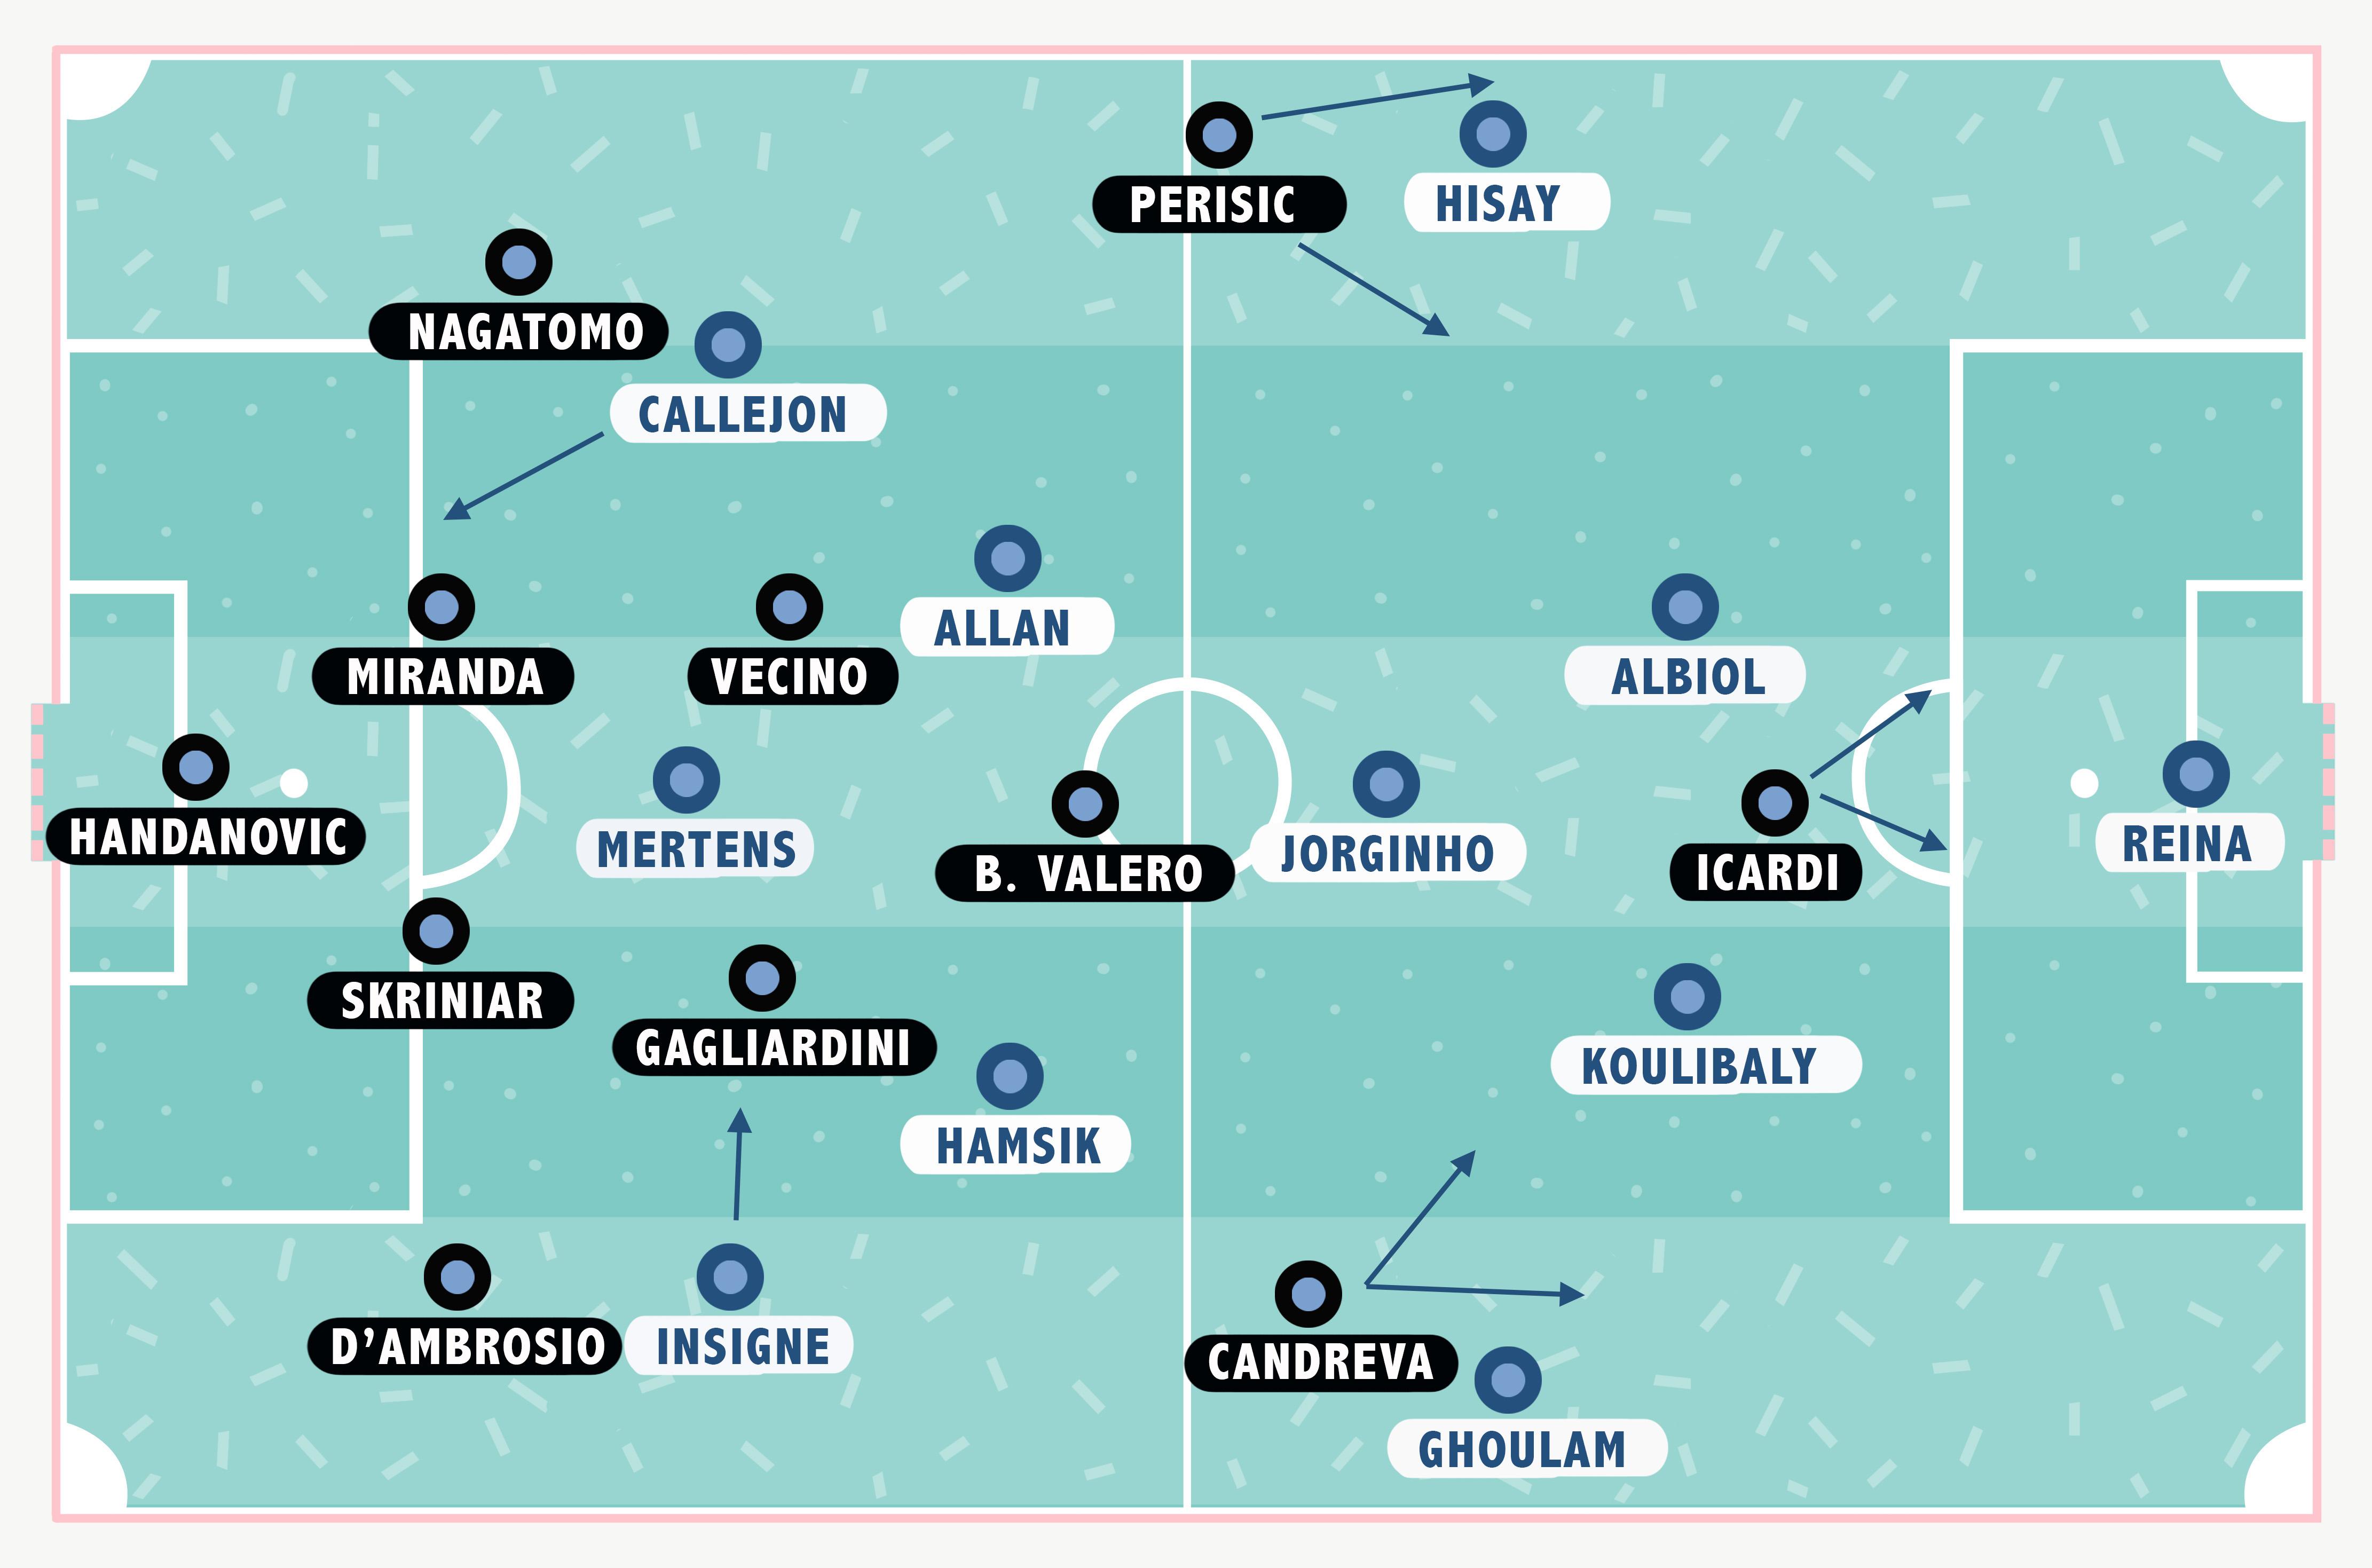 Che partita sarà Napoli – Inter